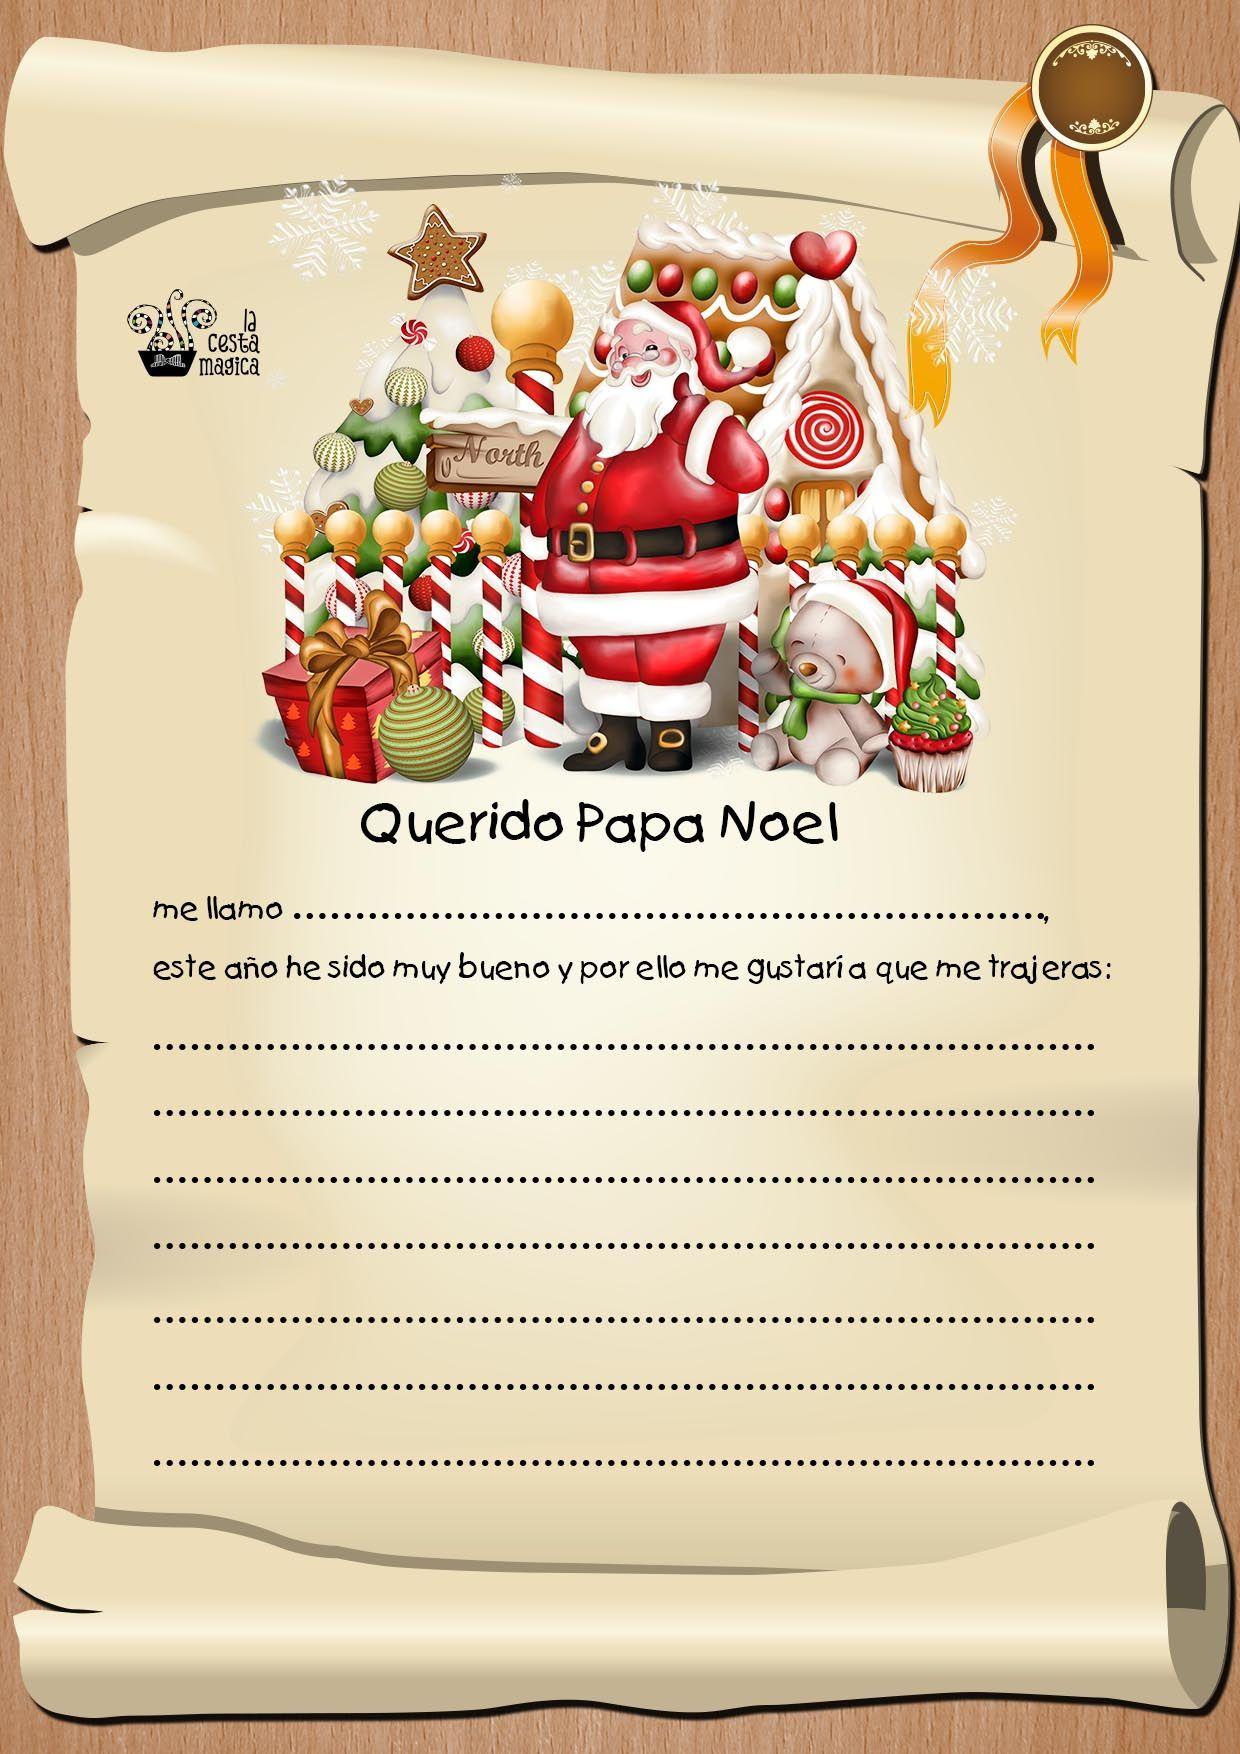 imágenes de papa noel para imprimir   Esperamos que os guste y que dejeis vuestros comentarios en Facebook.